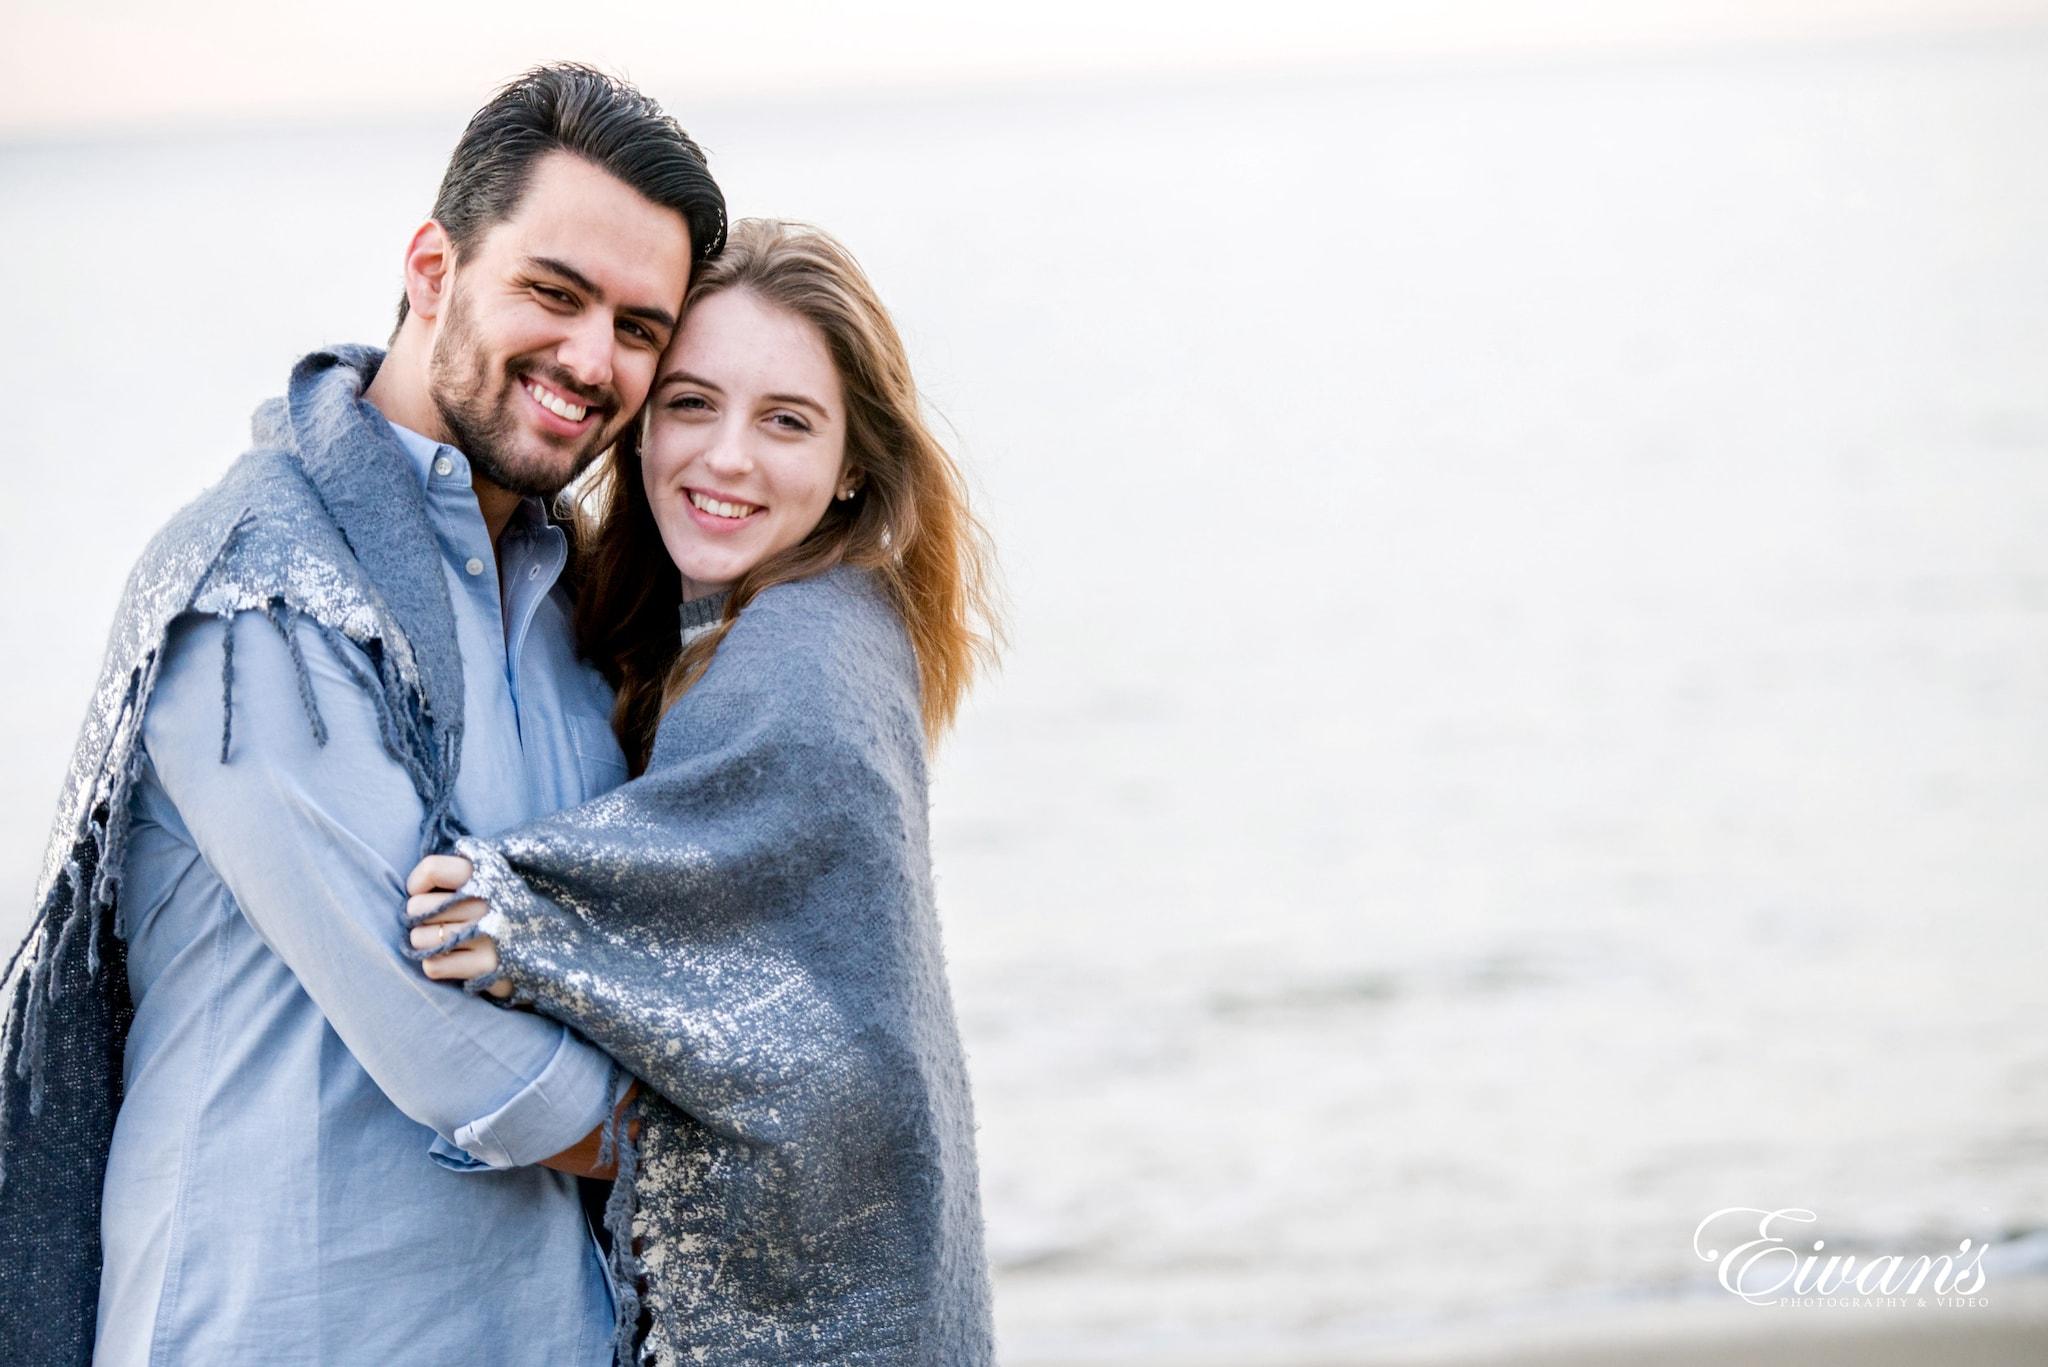 man in blue denim jacket hugging woman in gray sweater